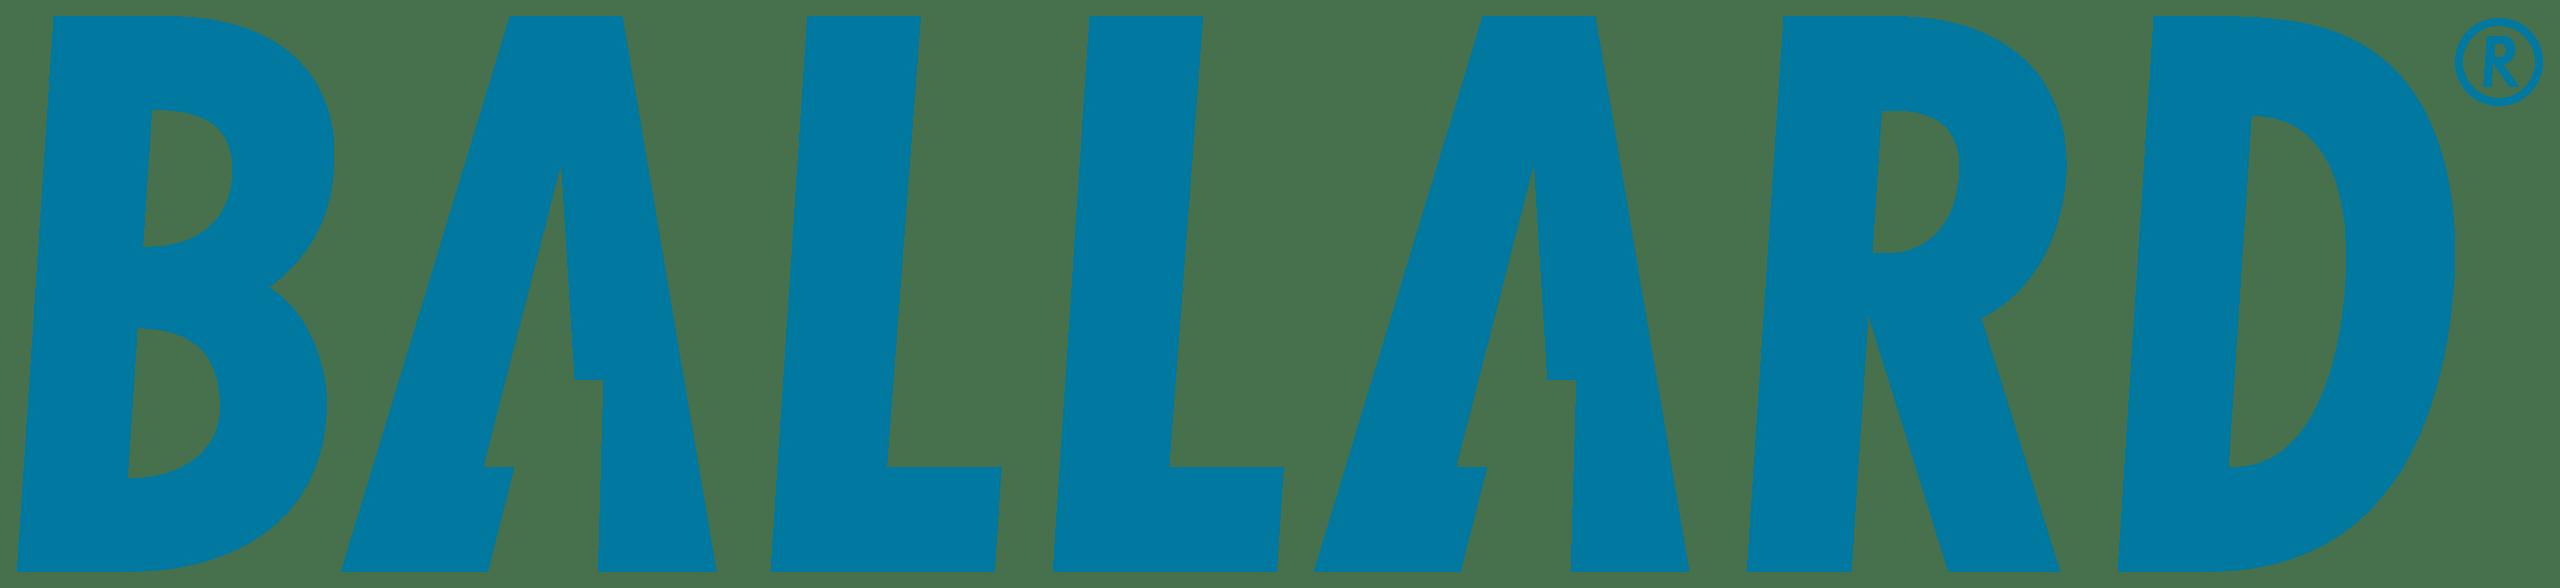 Ballard Power logo